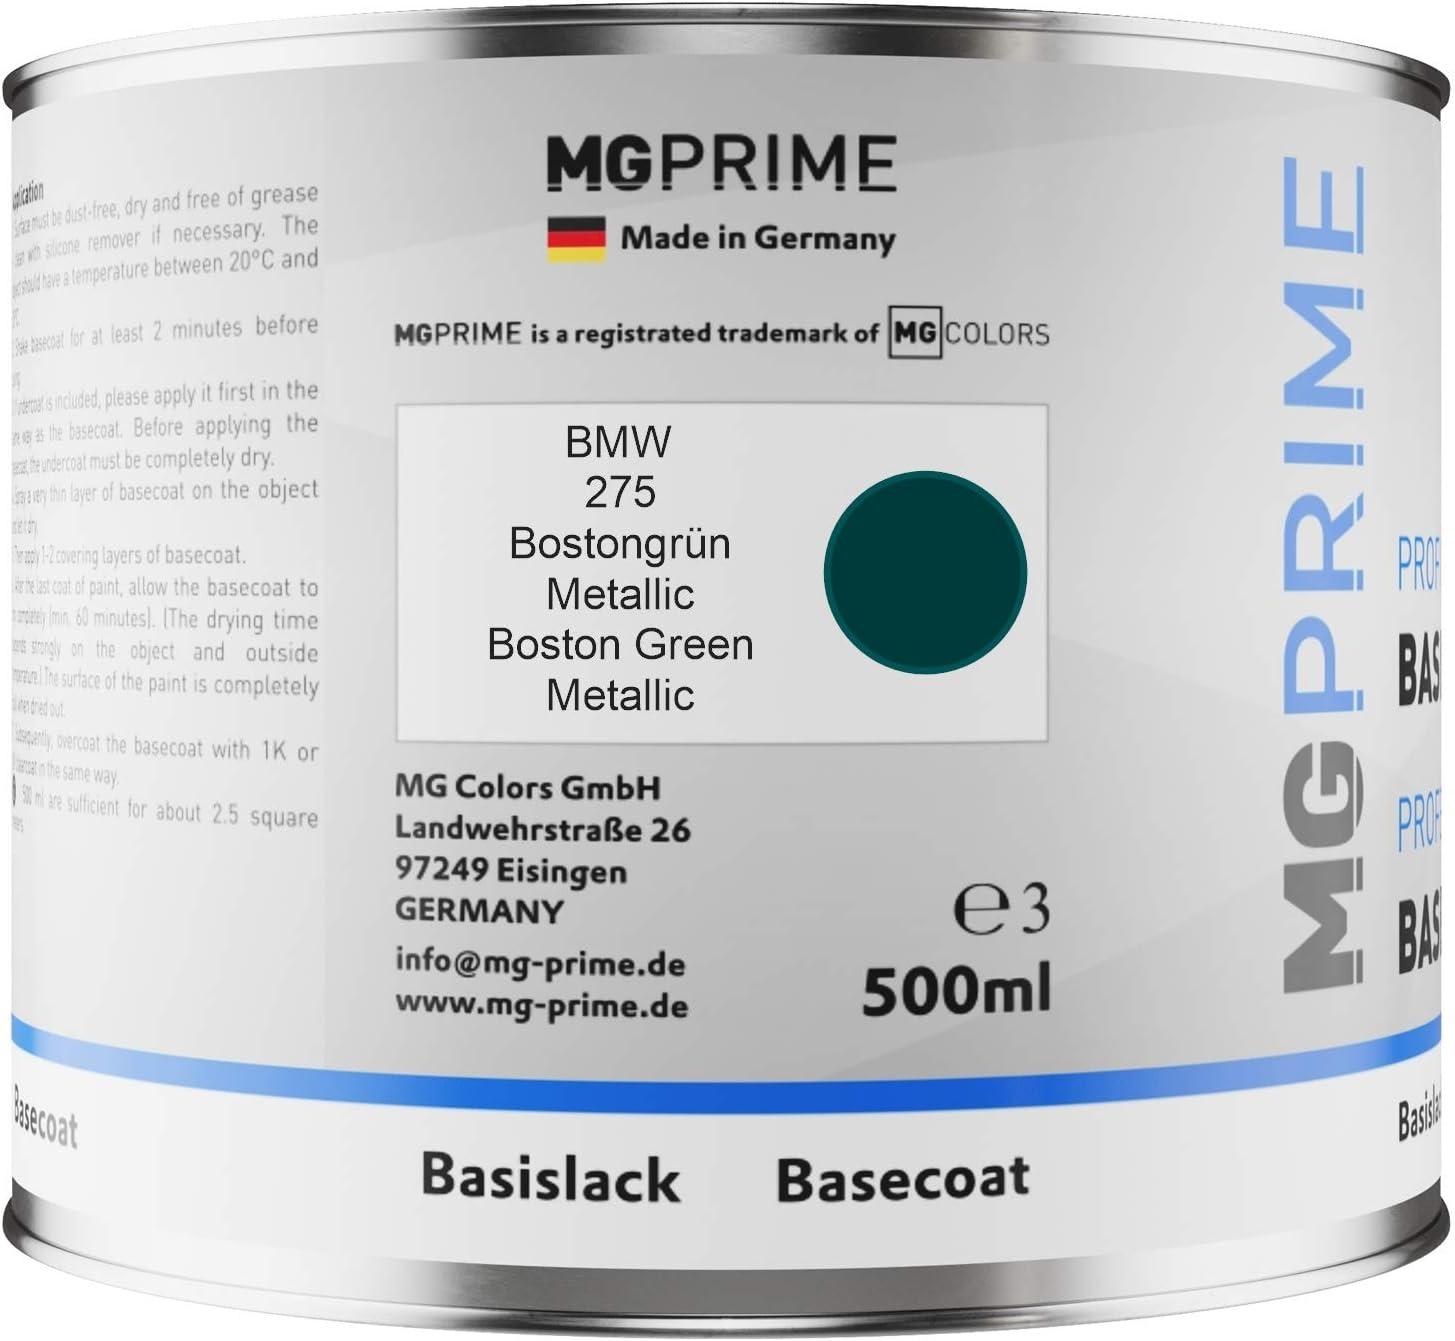 Mg Prime Autolack Dose Spritzfertig Für Bmw 275 Bostongrün Metallic Boston Green Metallic Basislack 0 5 Liter 500ml Auto